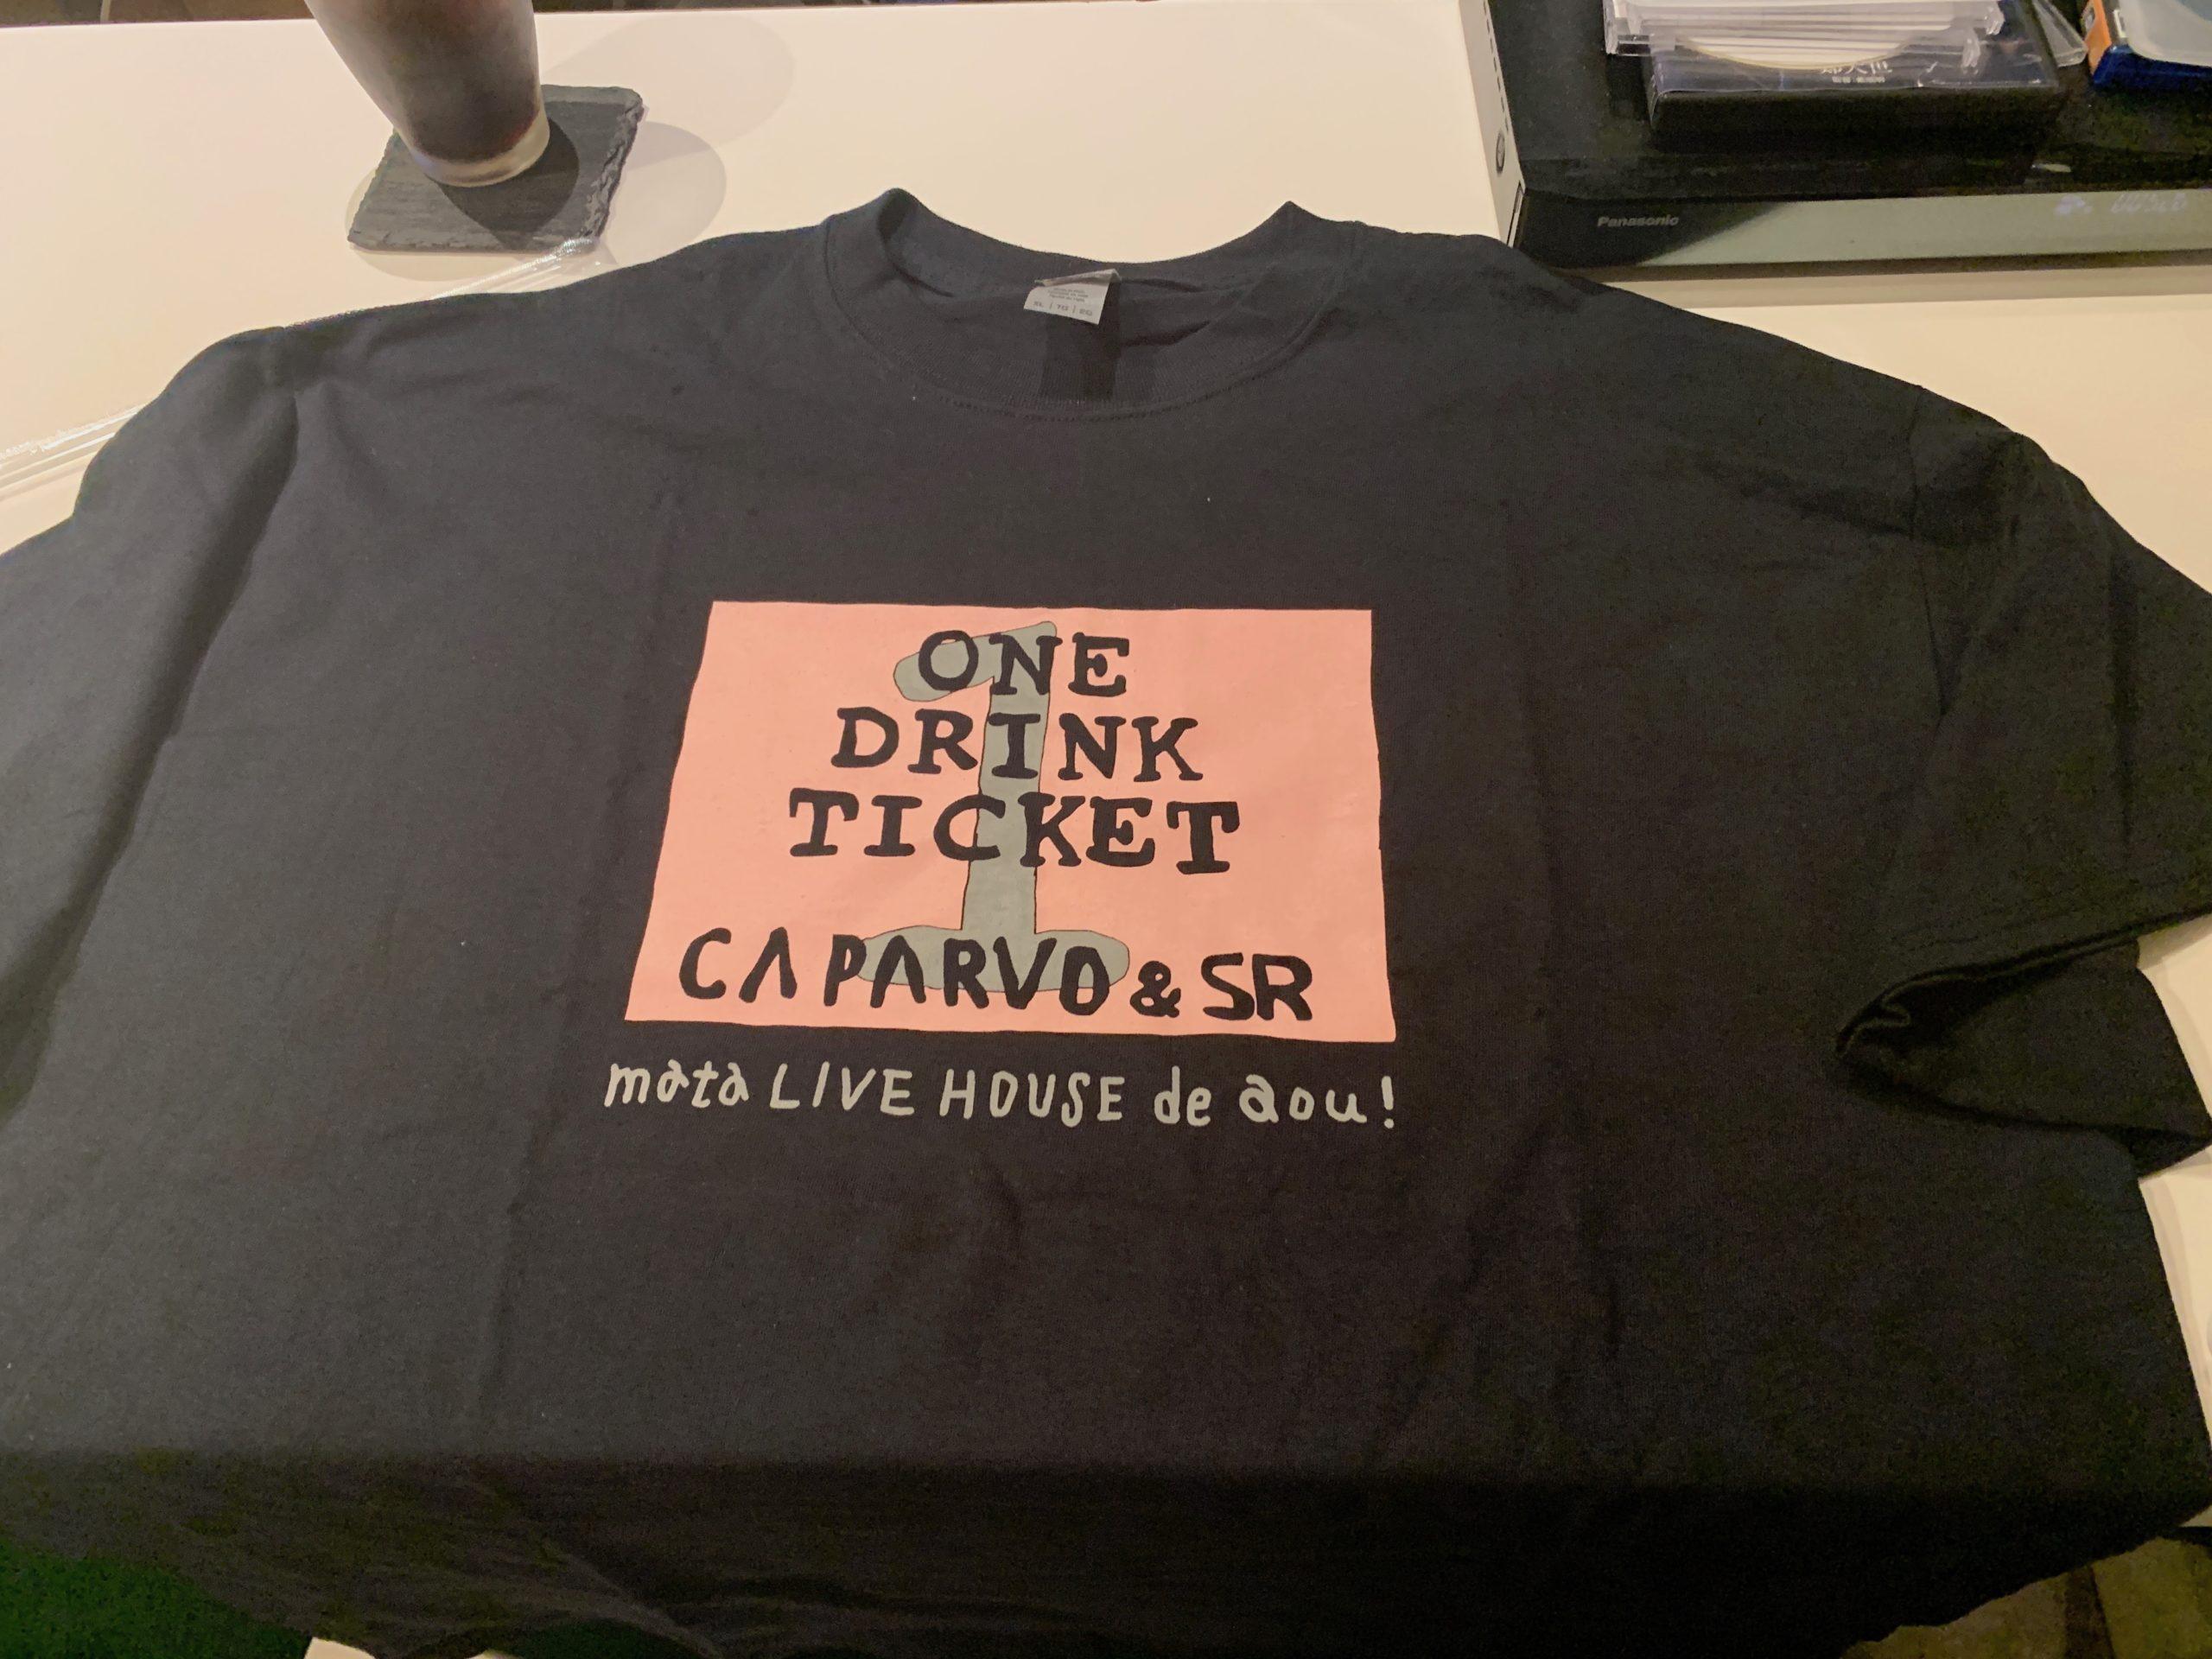 鹿児島のライブ好きならもれなく「これはw」となるTシャツが爆誕!